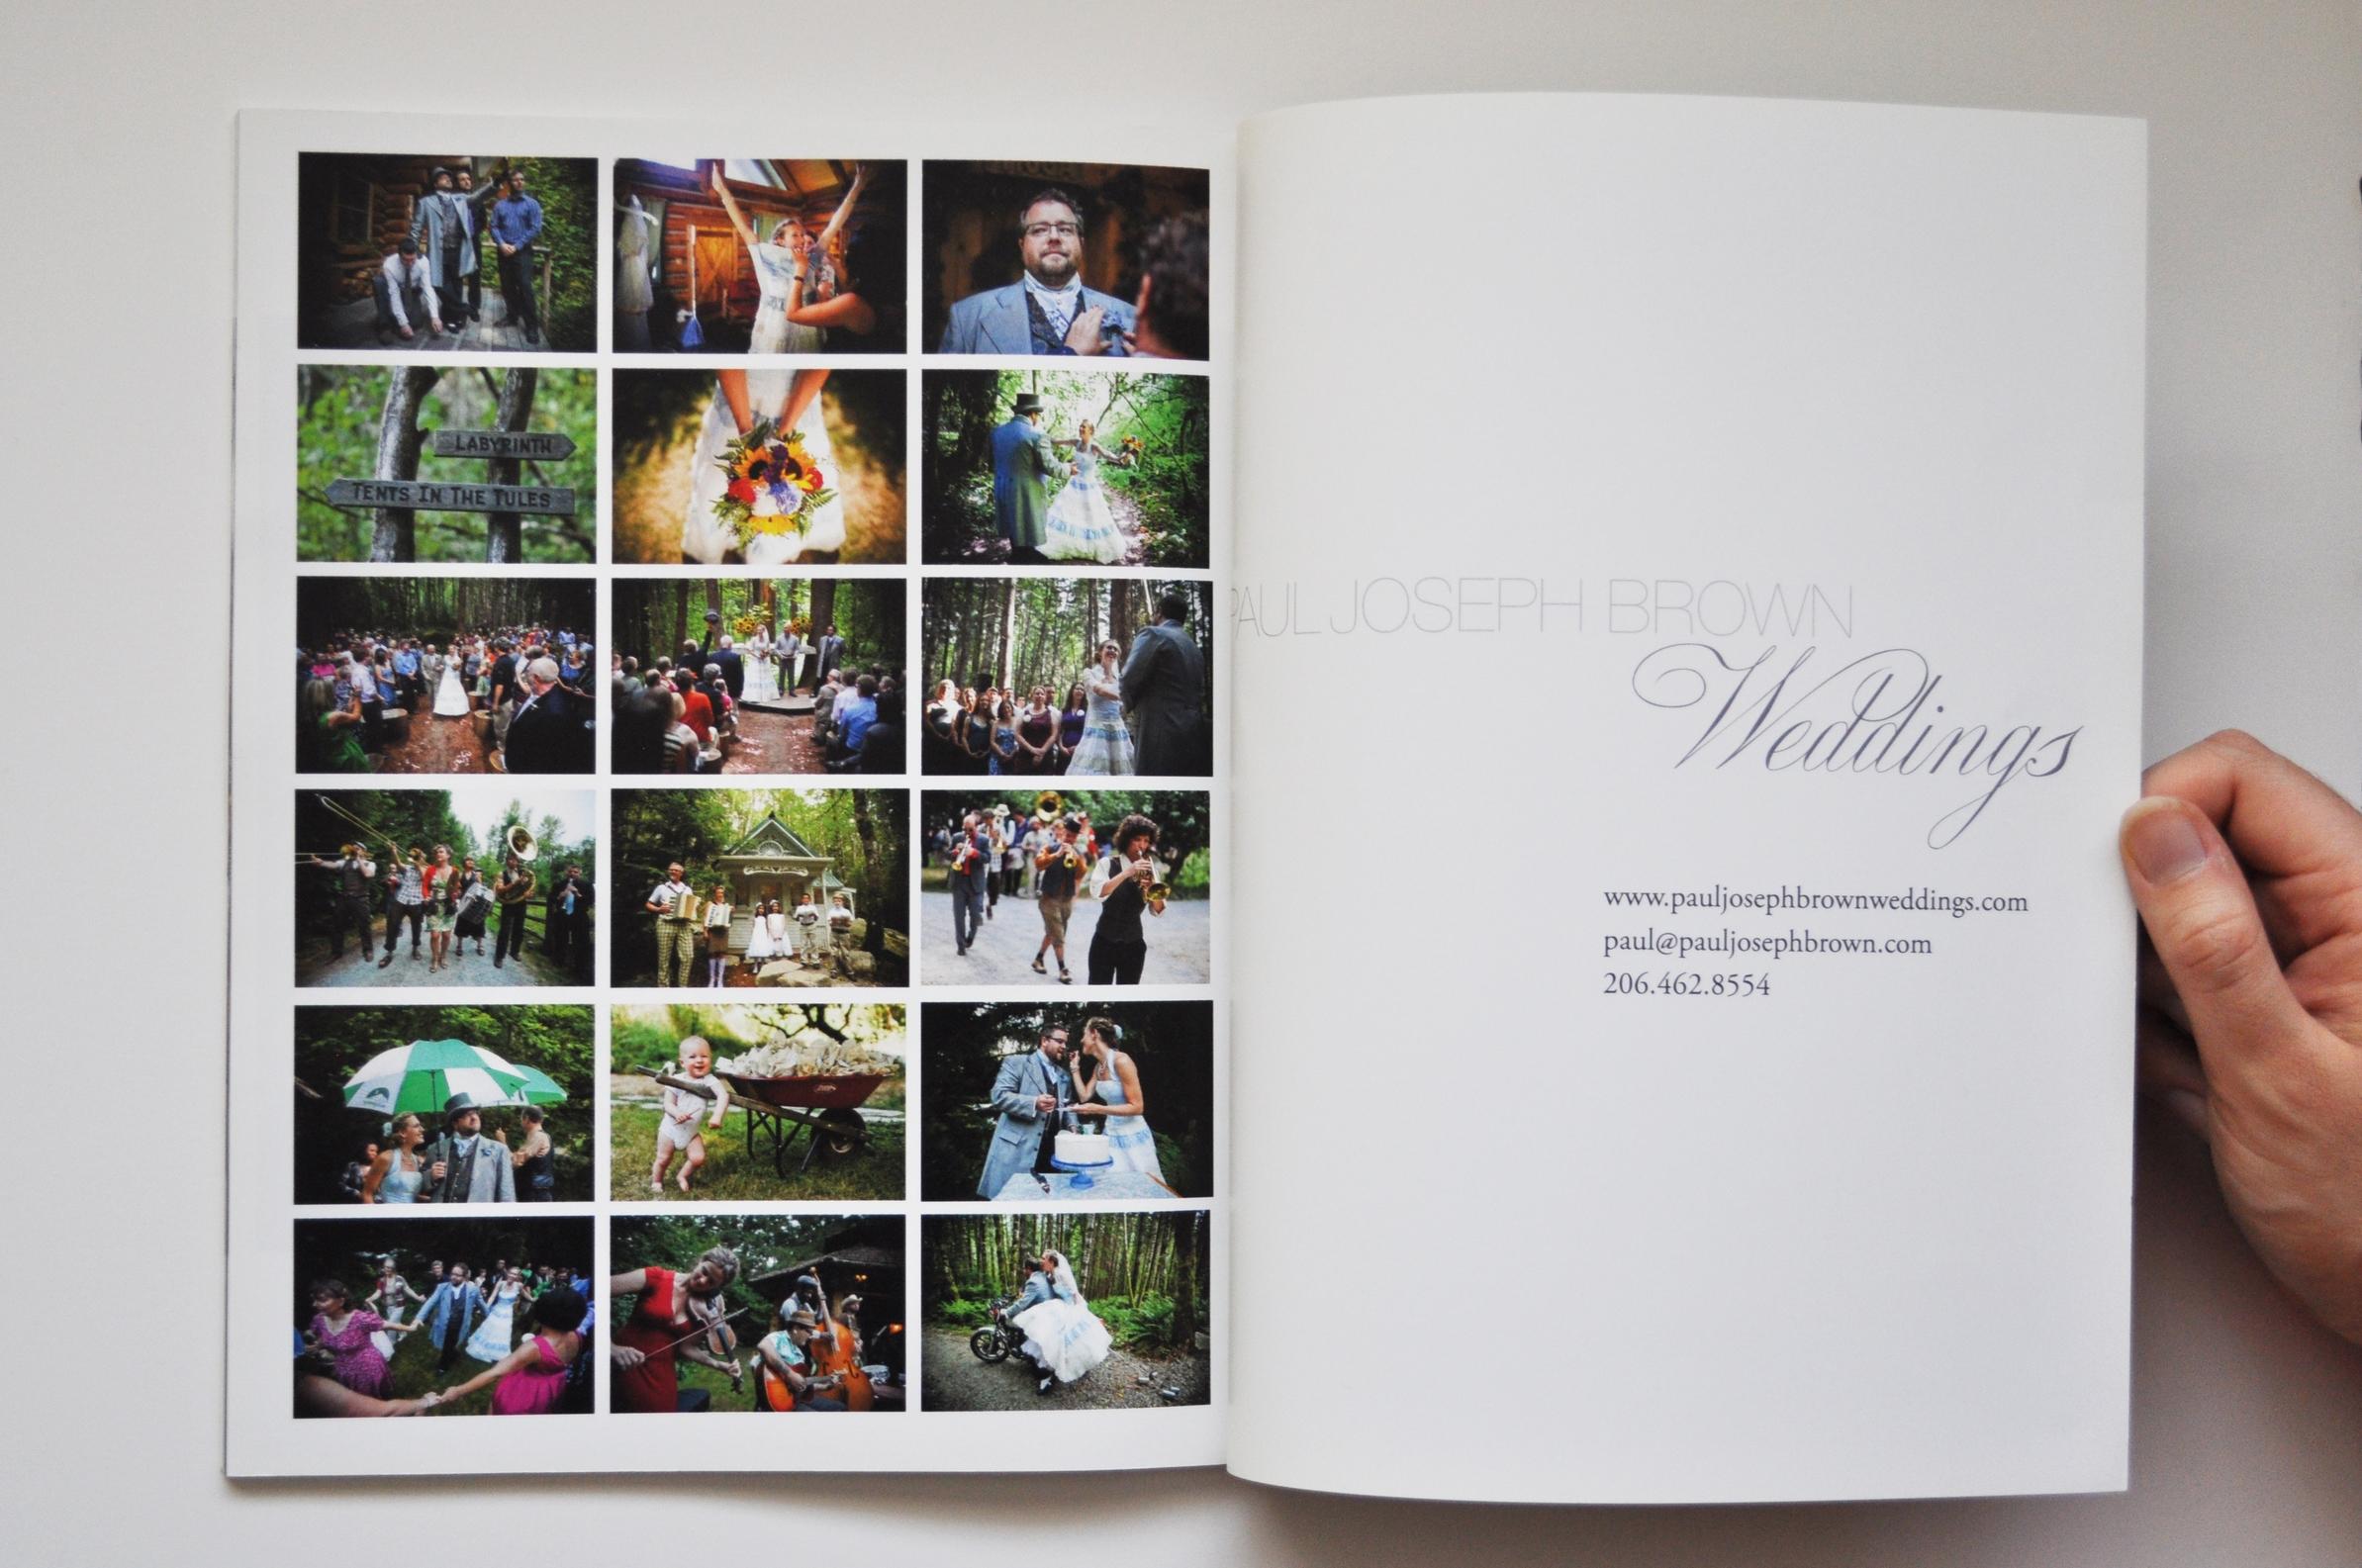 DSC_0758 copy.jpg